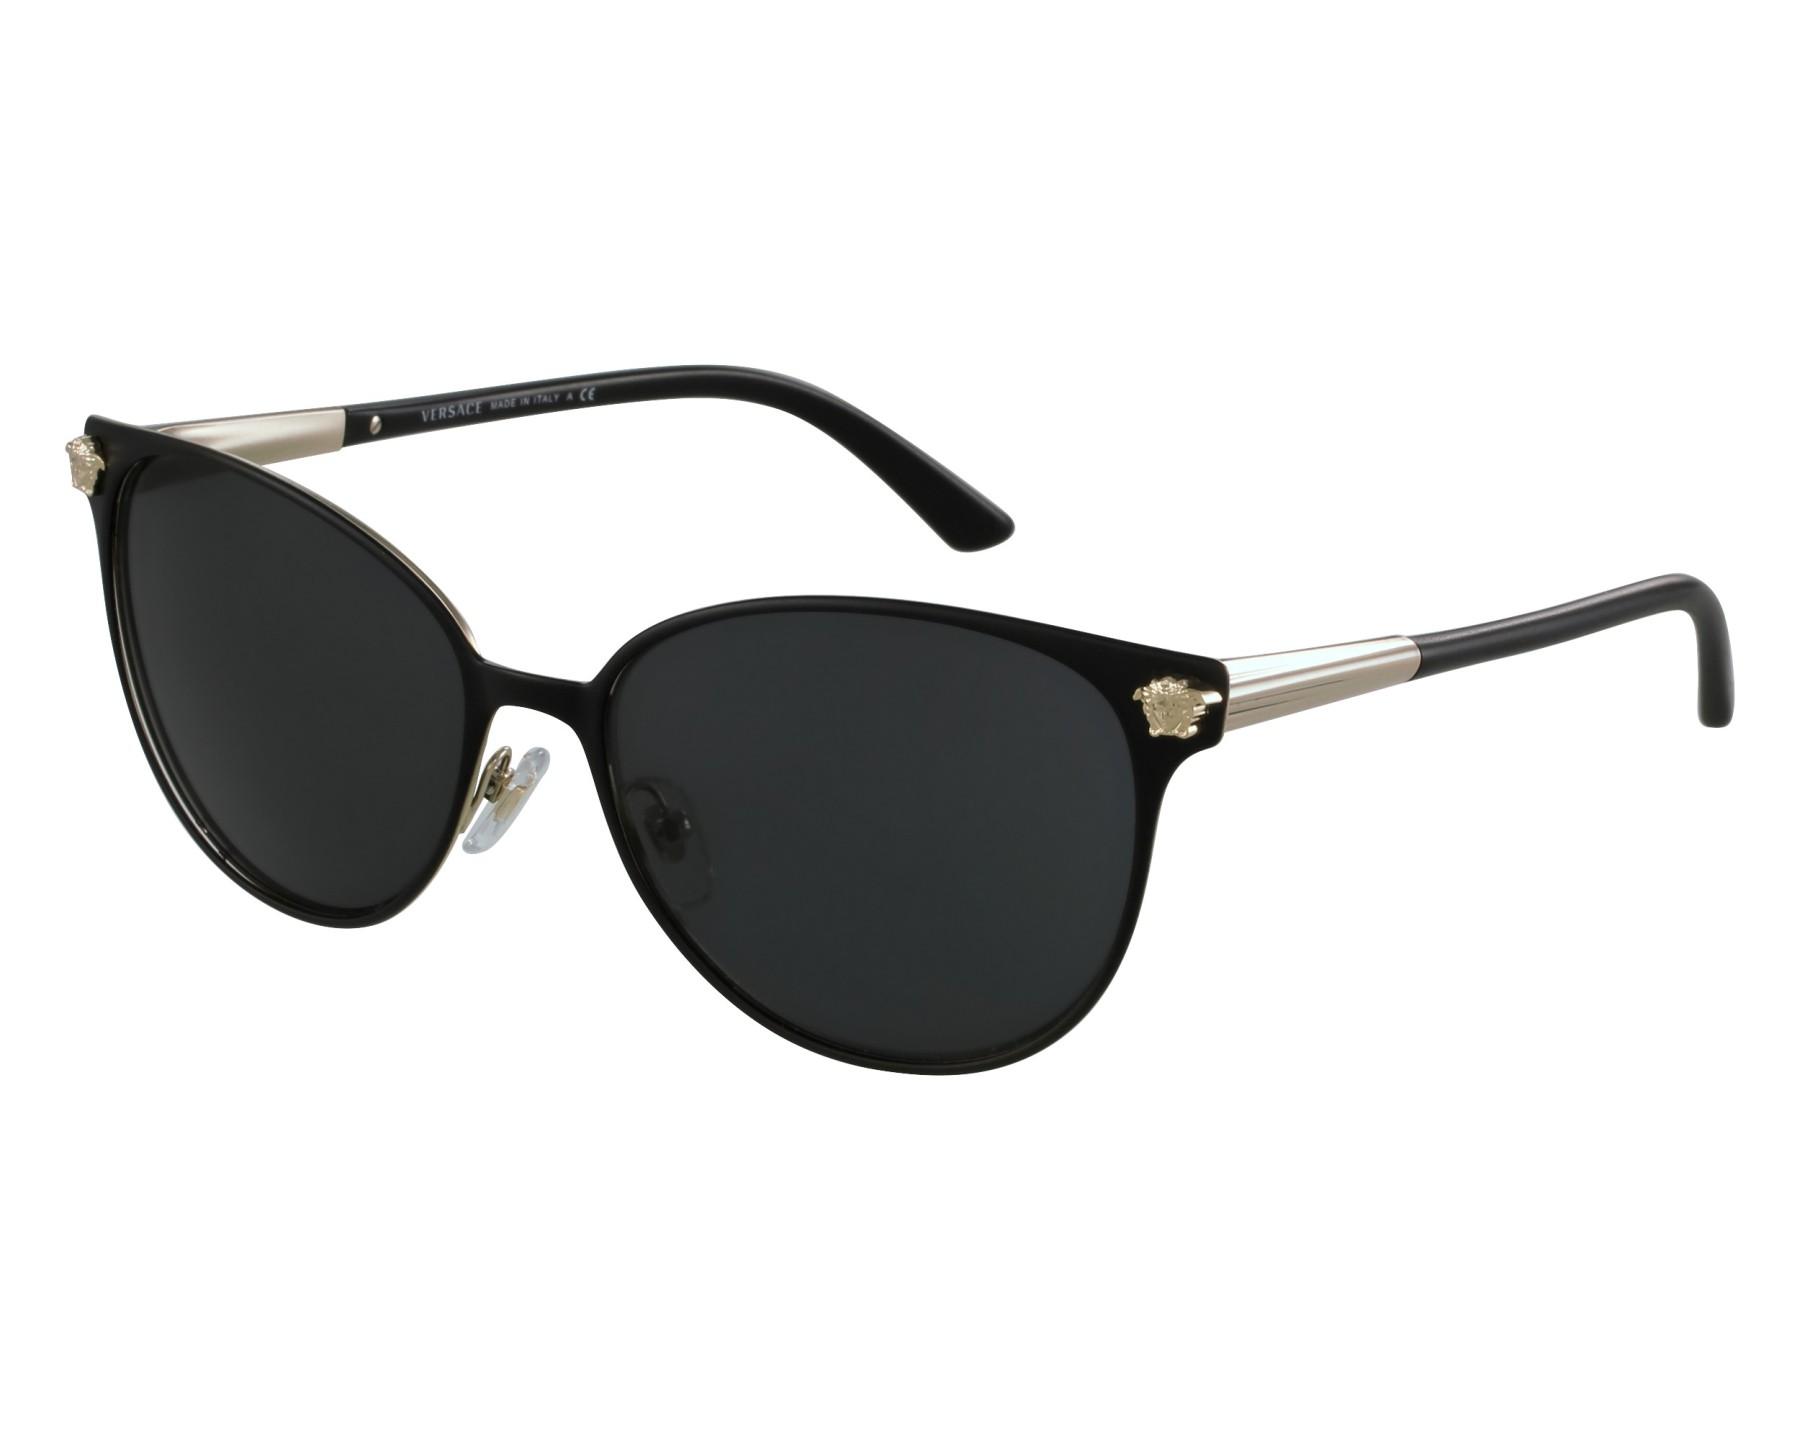 2d8f396a60 Gafas de sol Versace VE-2168 1377 87 57-16 Negra Oro vista